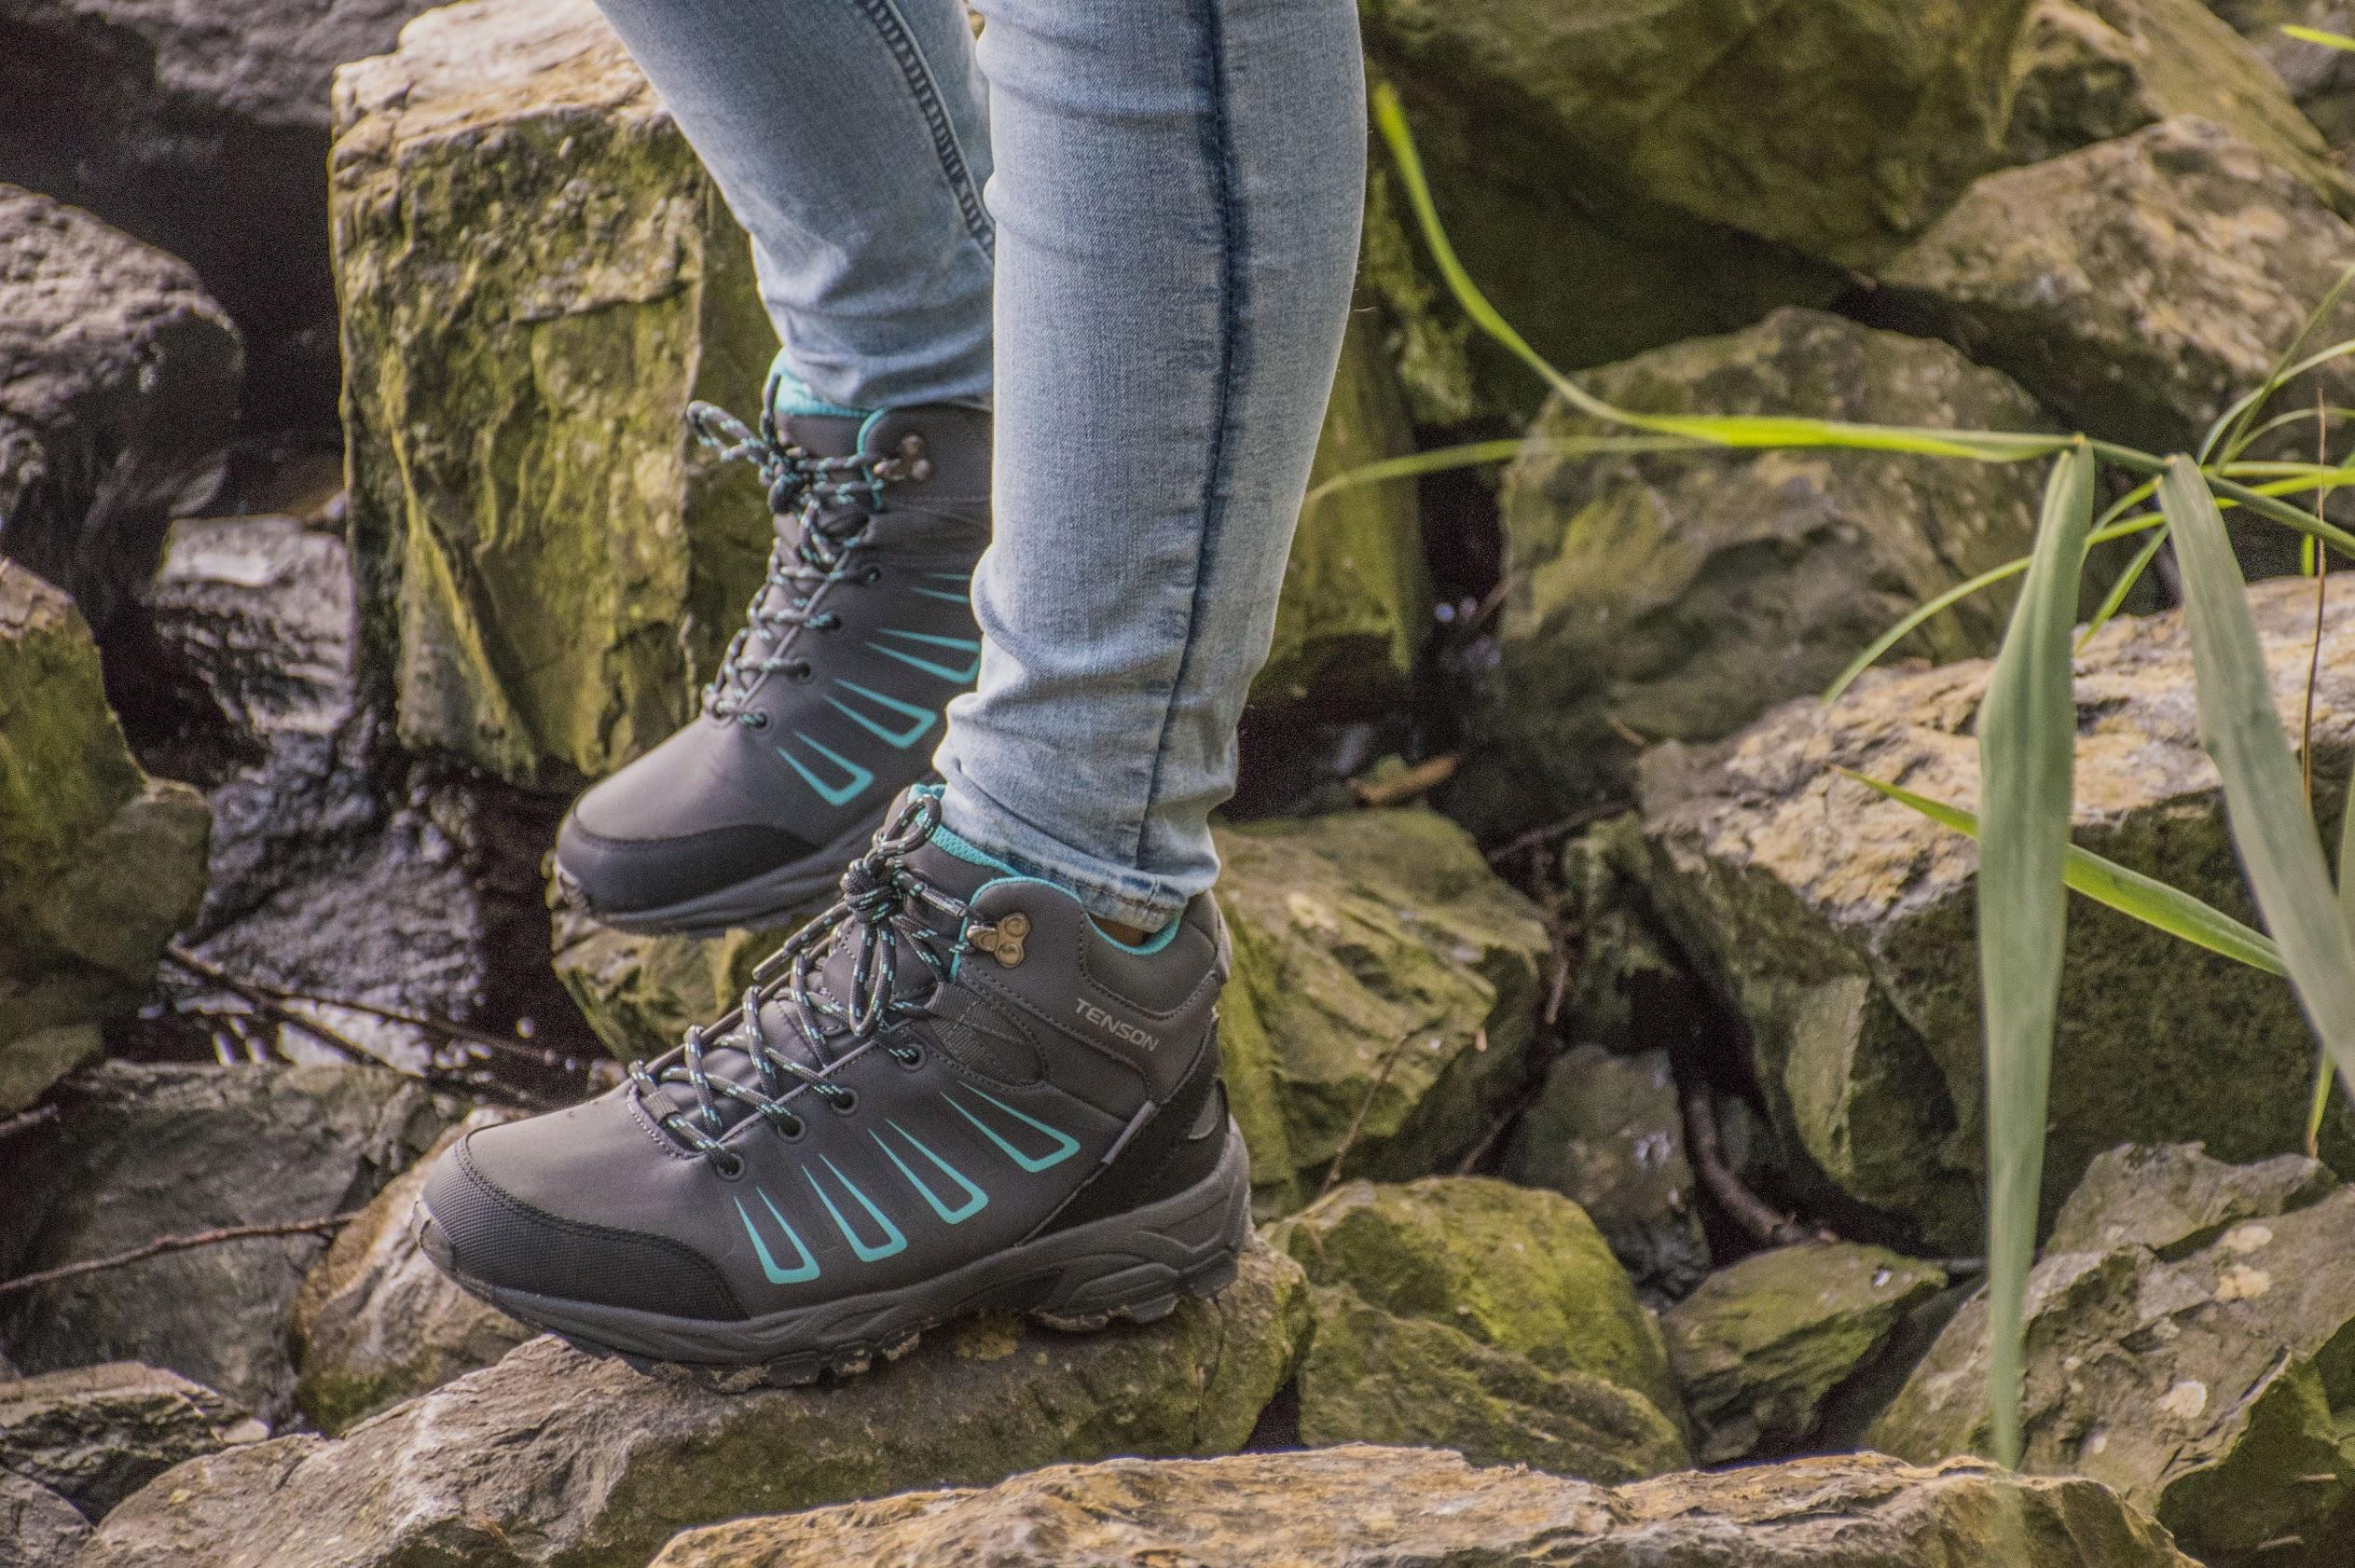 hike-schoenen-dames